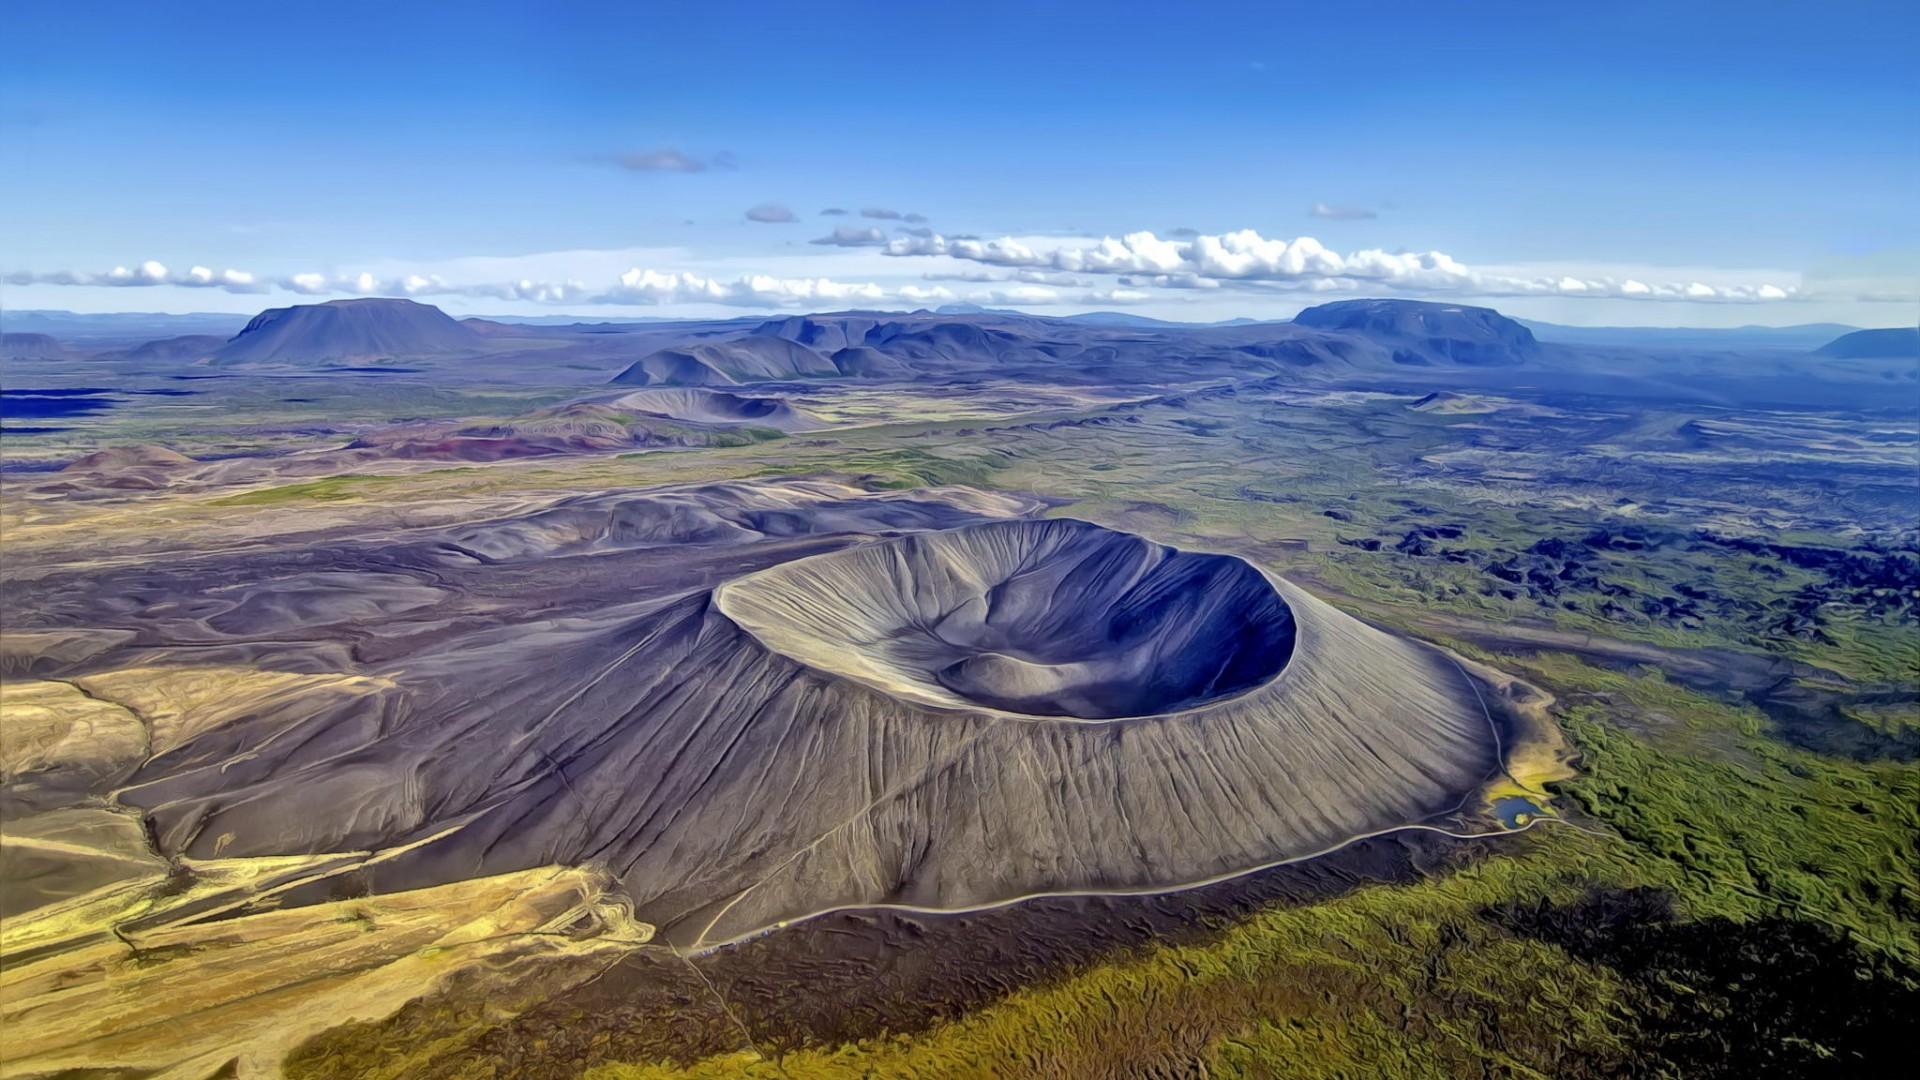 кратер вулкана картинки плел корзины